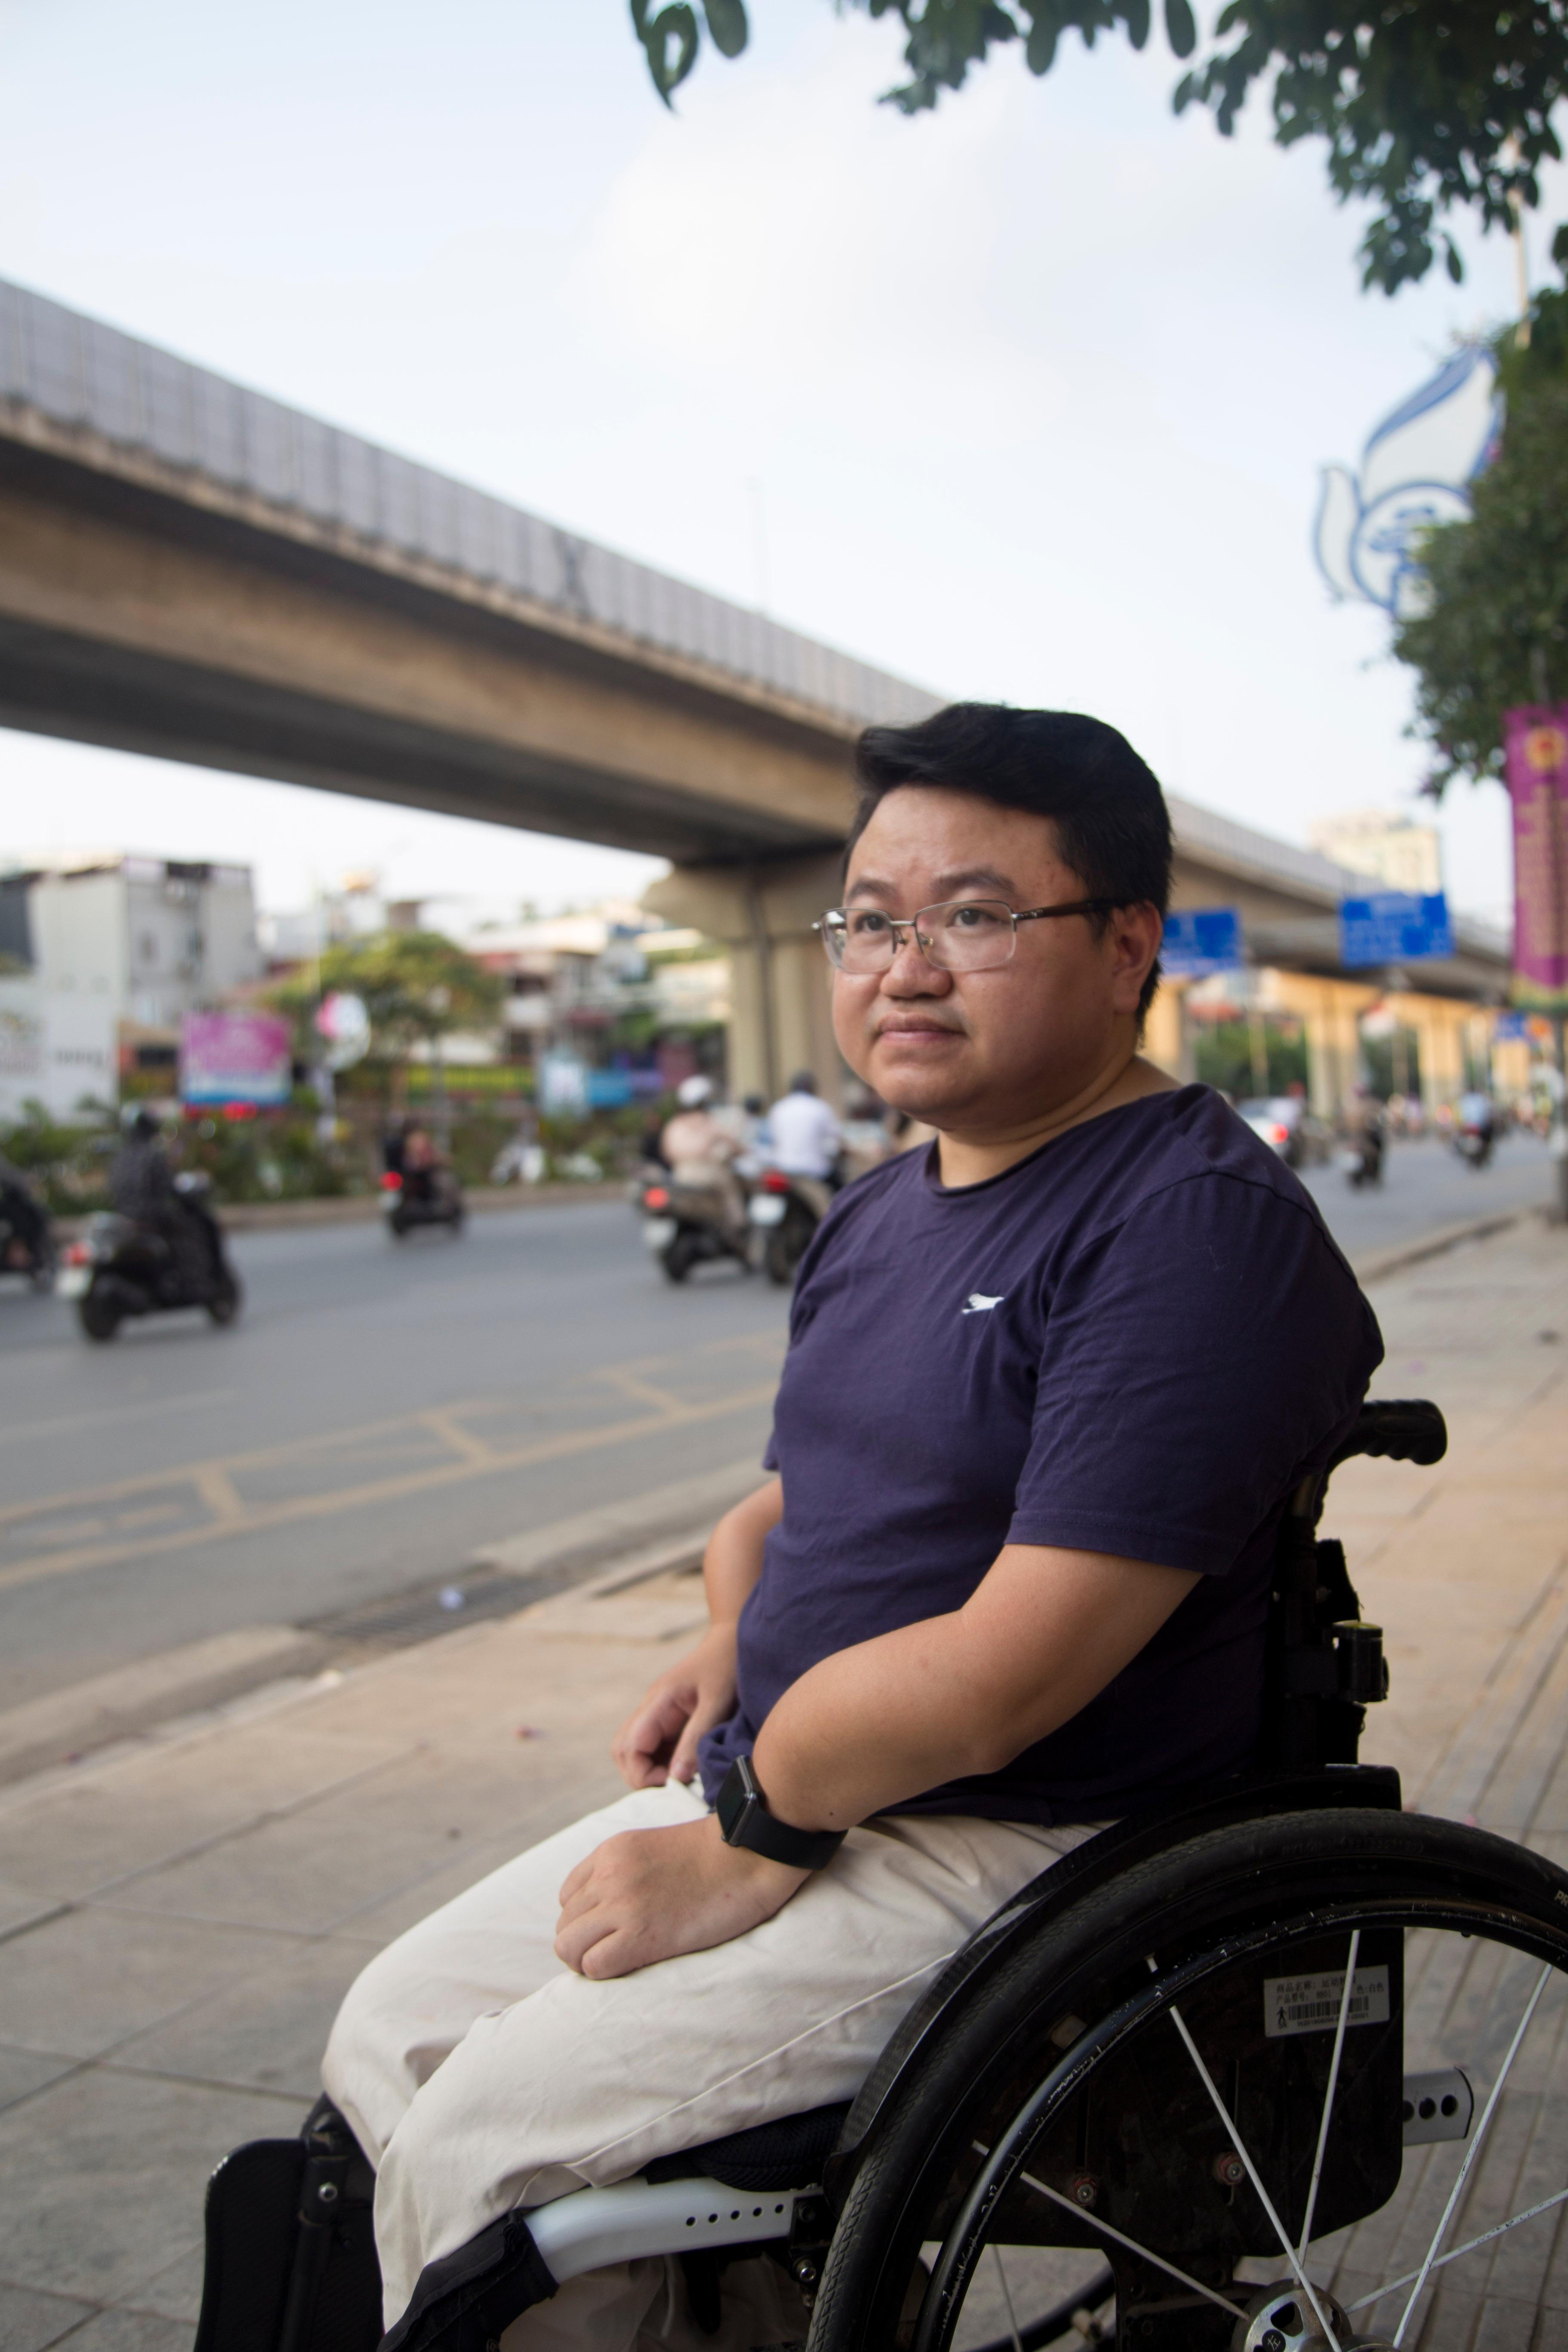 Chàng trai xương dễ vỡ mơ 'quẩy' nhạc khắp Việt Nam Ảnh 4